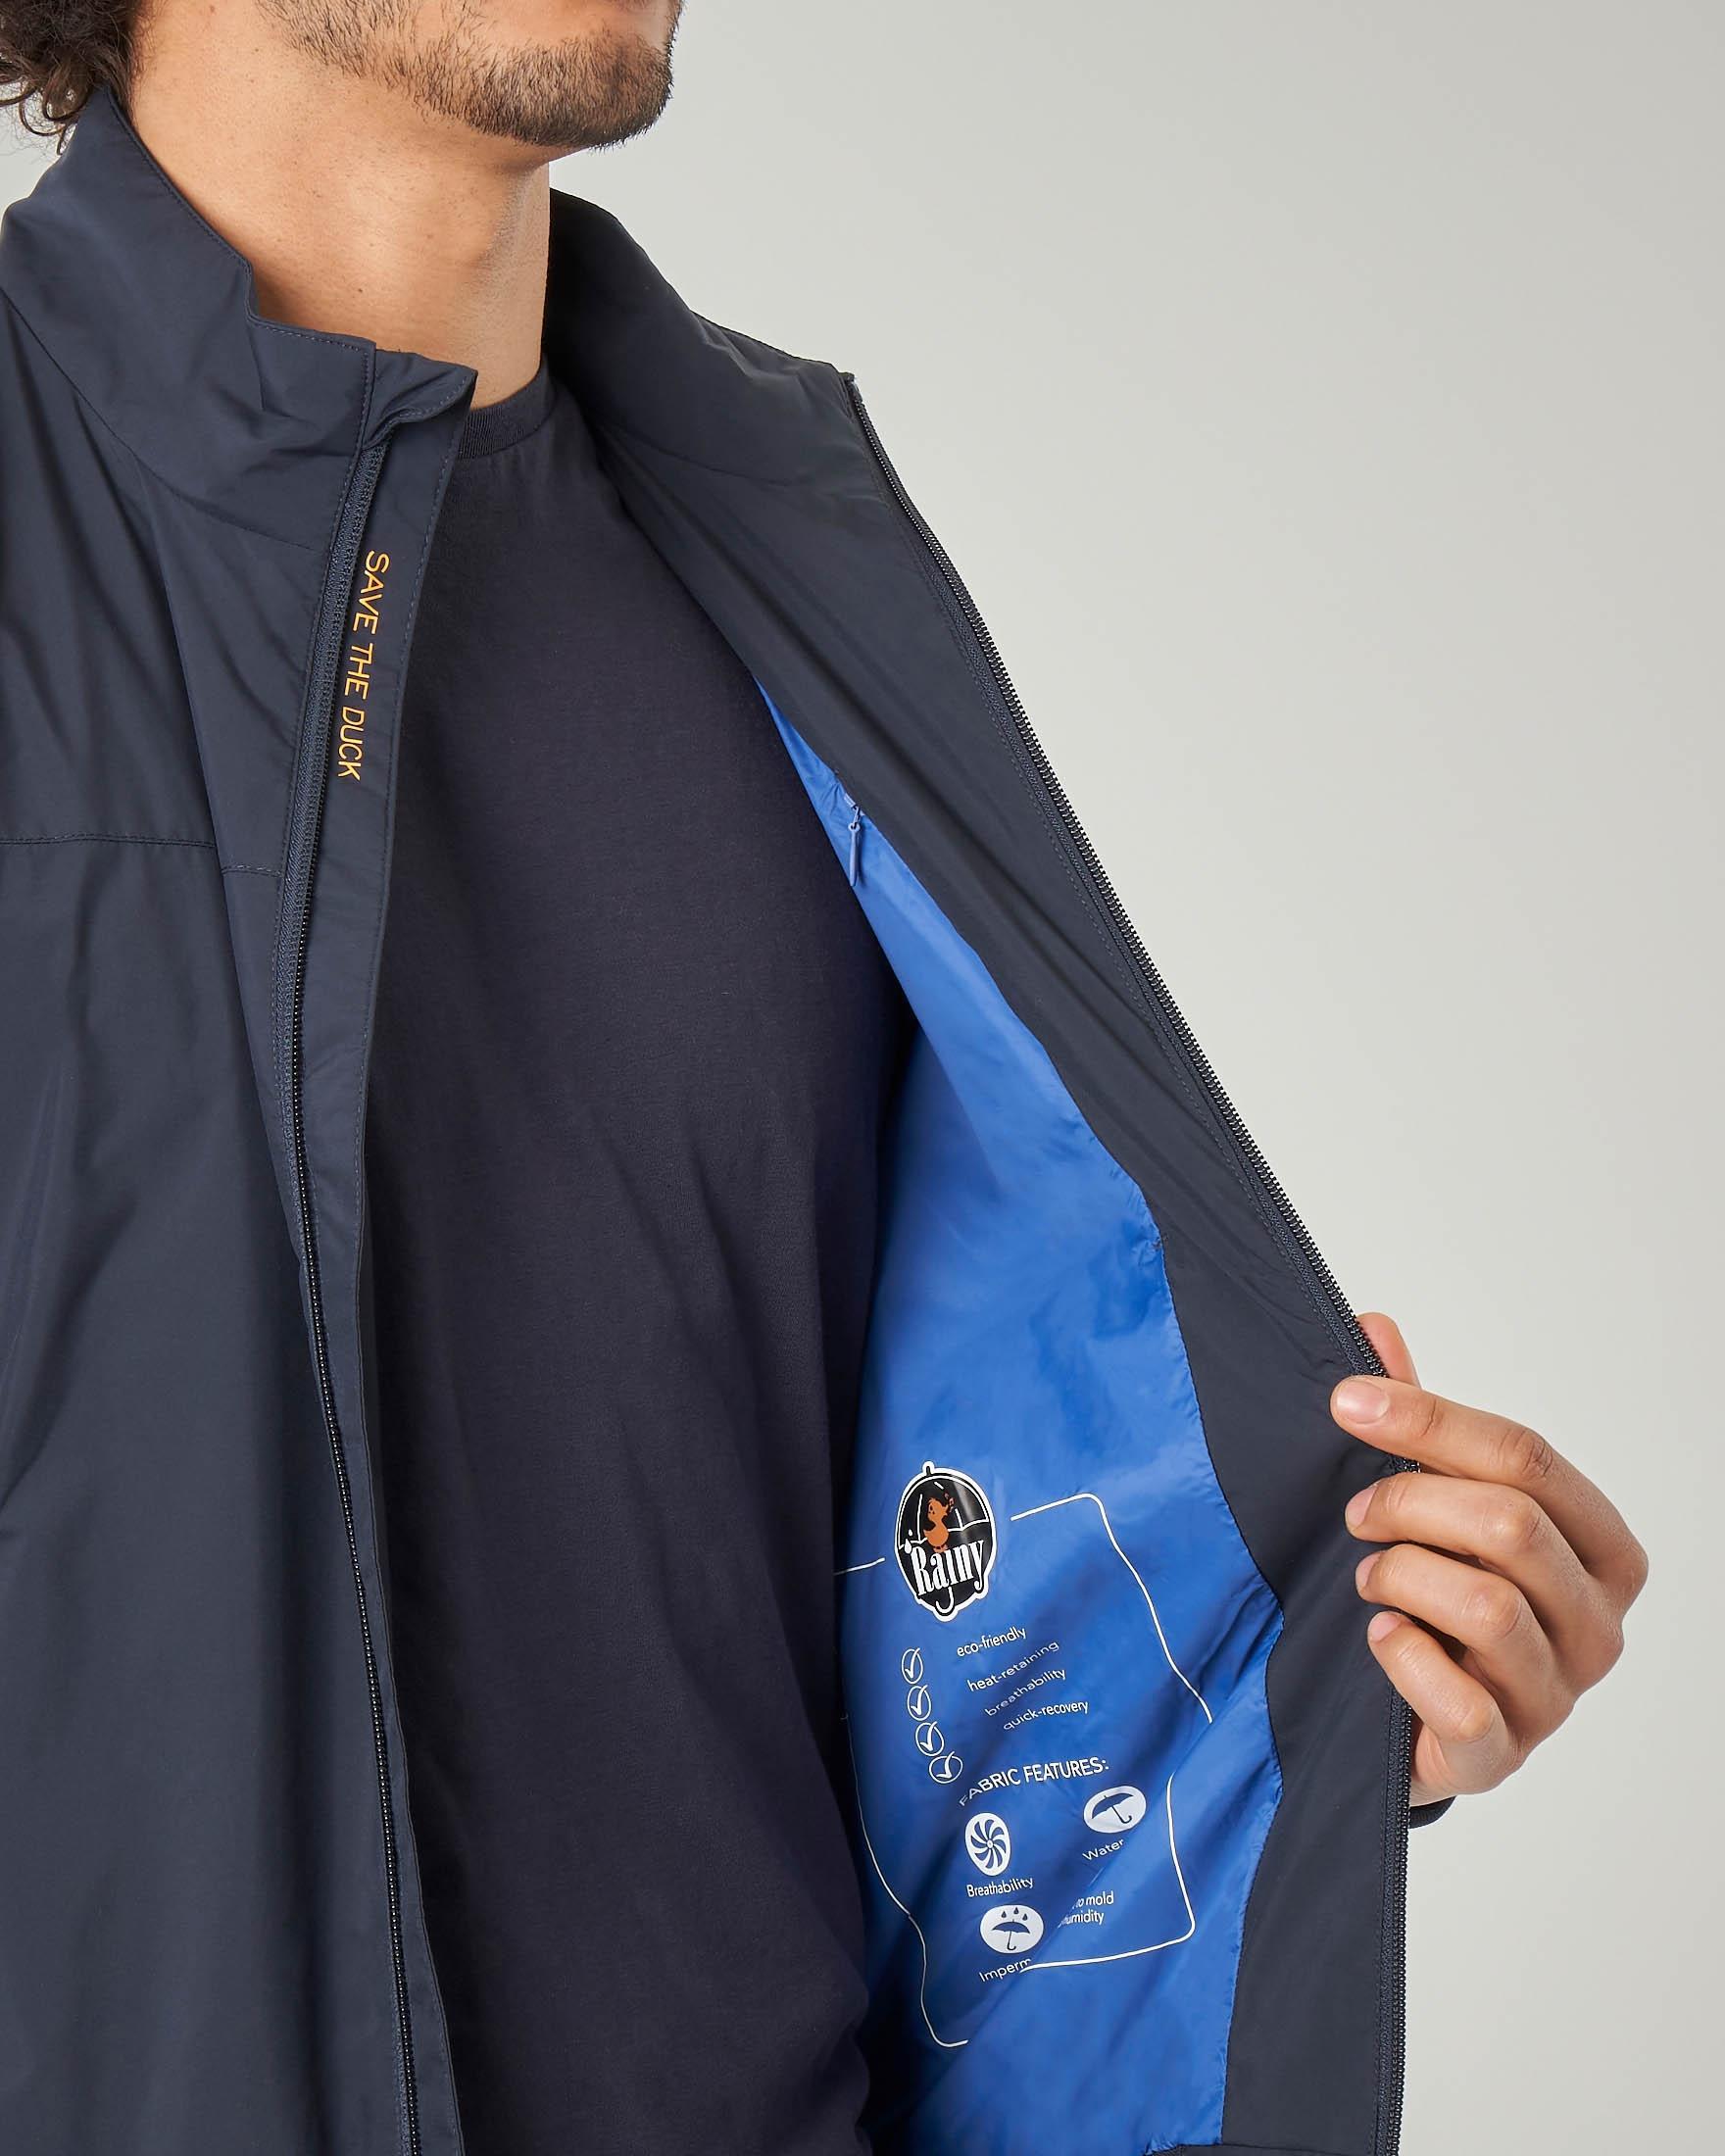 Giacca sailor blu con logo bollo sulla manica